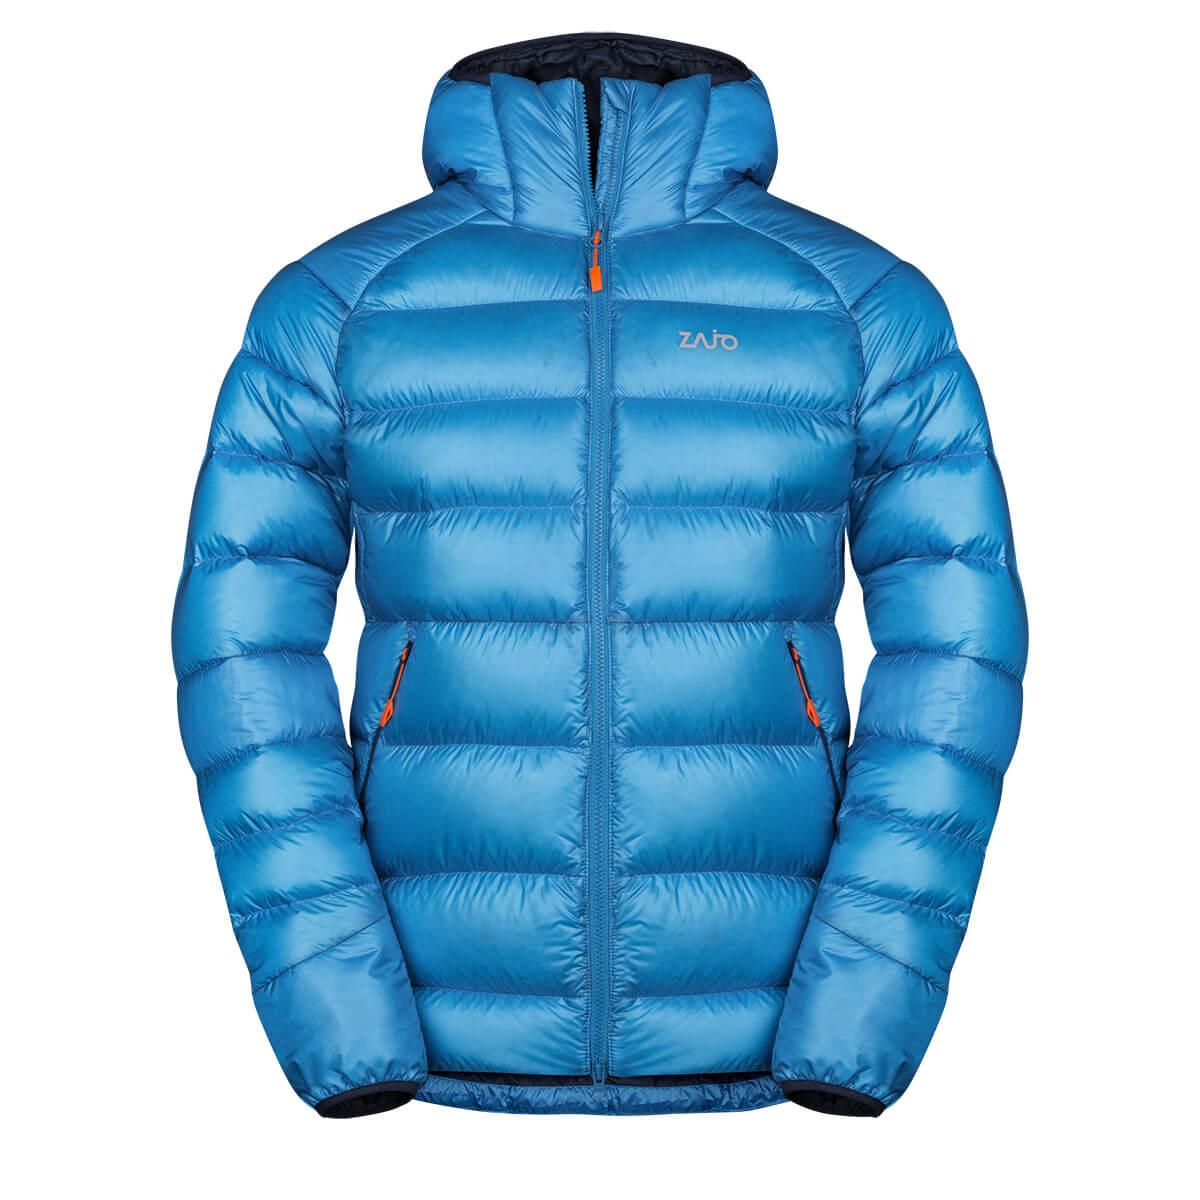 Pánska bunda Moritz JKT Greek Blue - veľkosť S